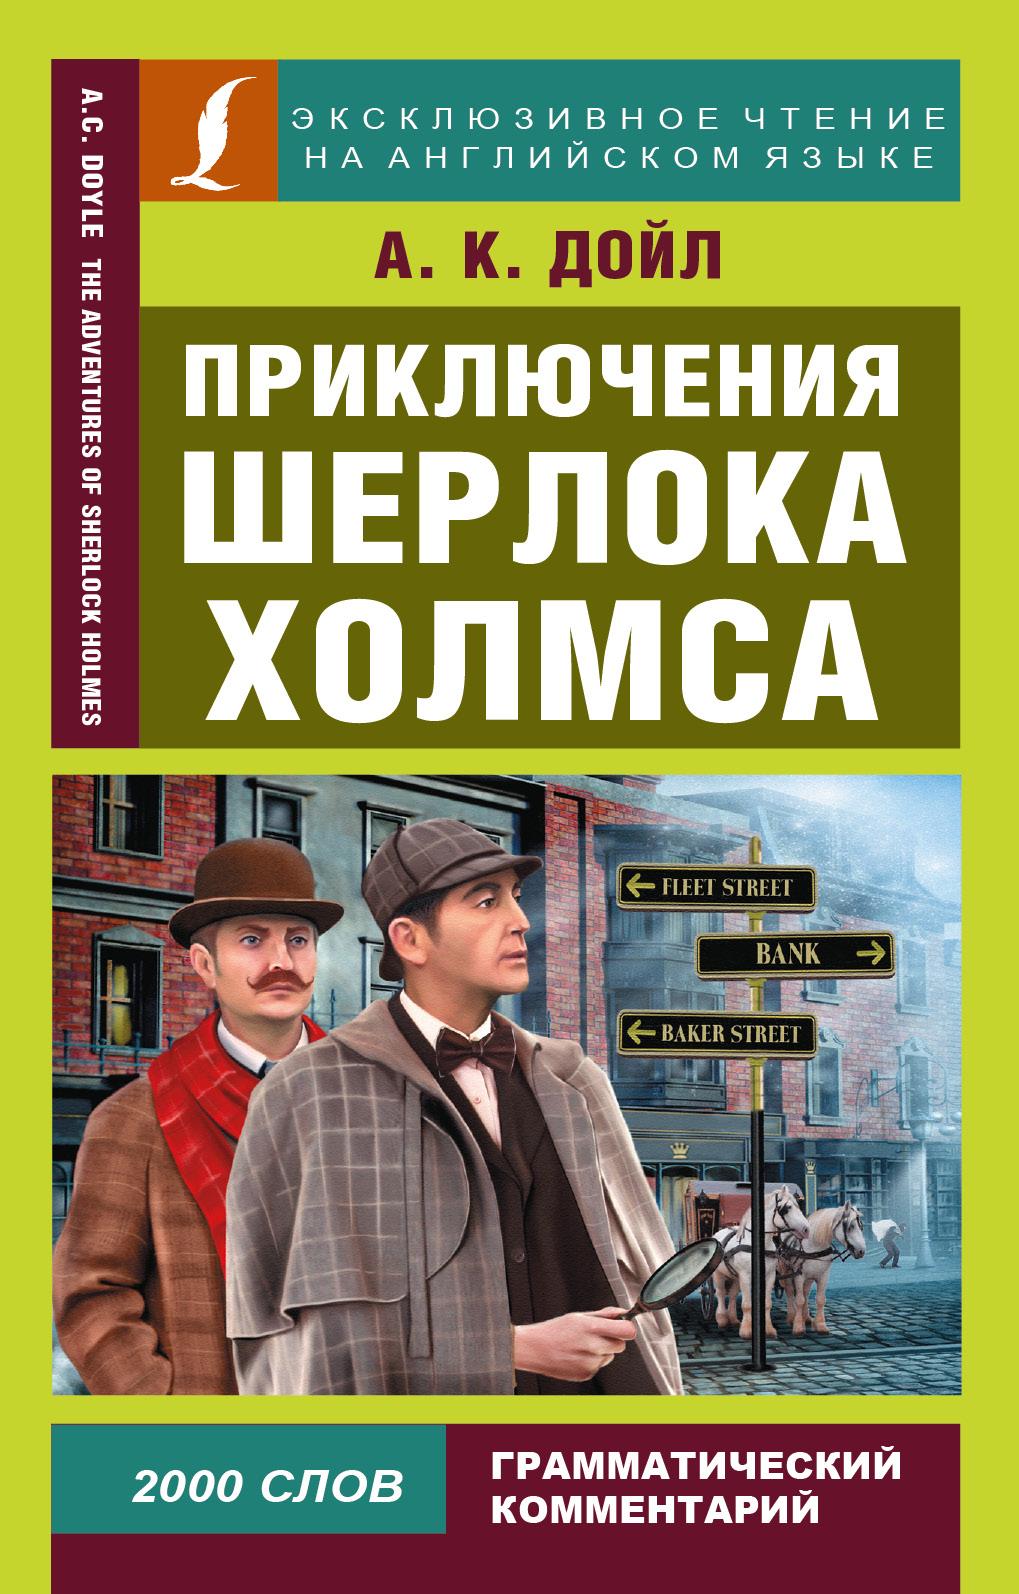 Приключения Шерлока Холмса ( Дойл А.К.  )